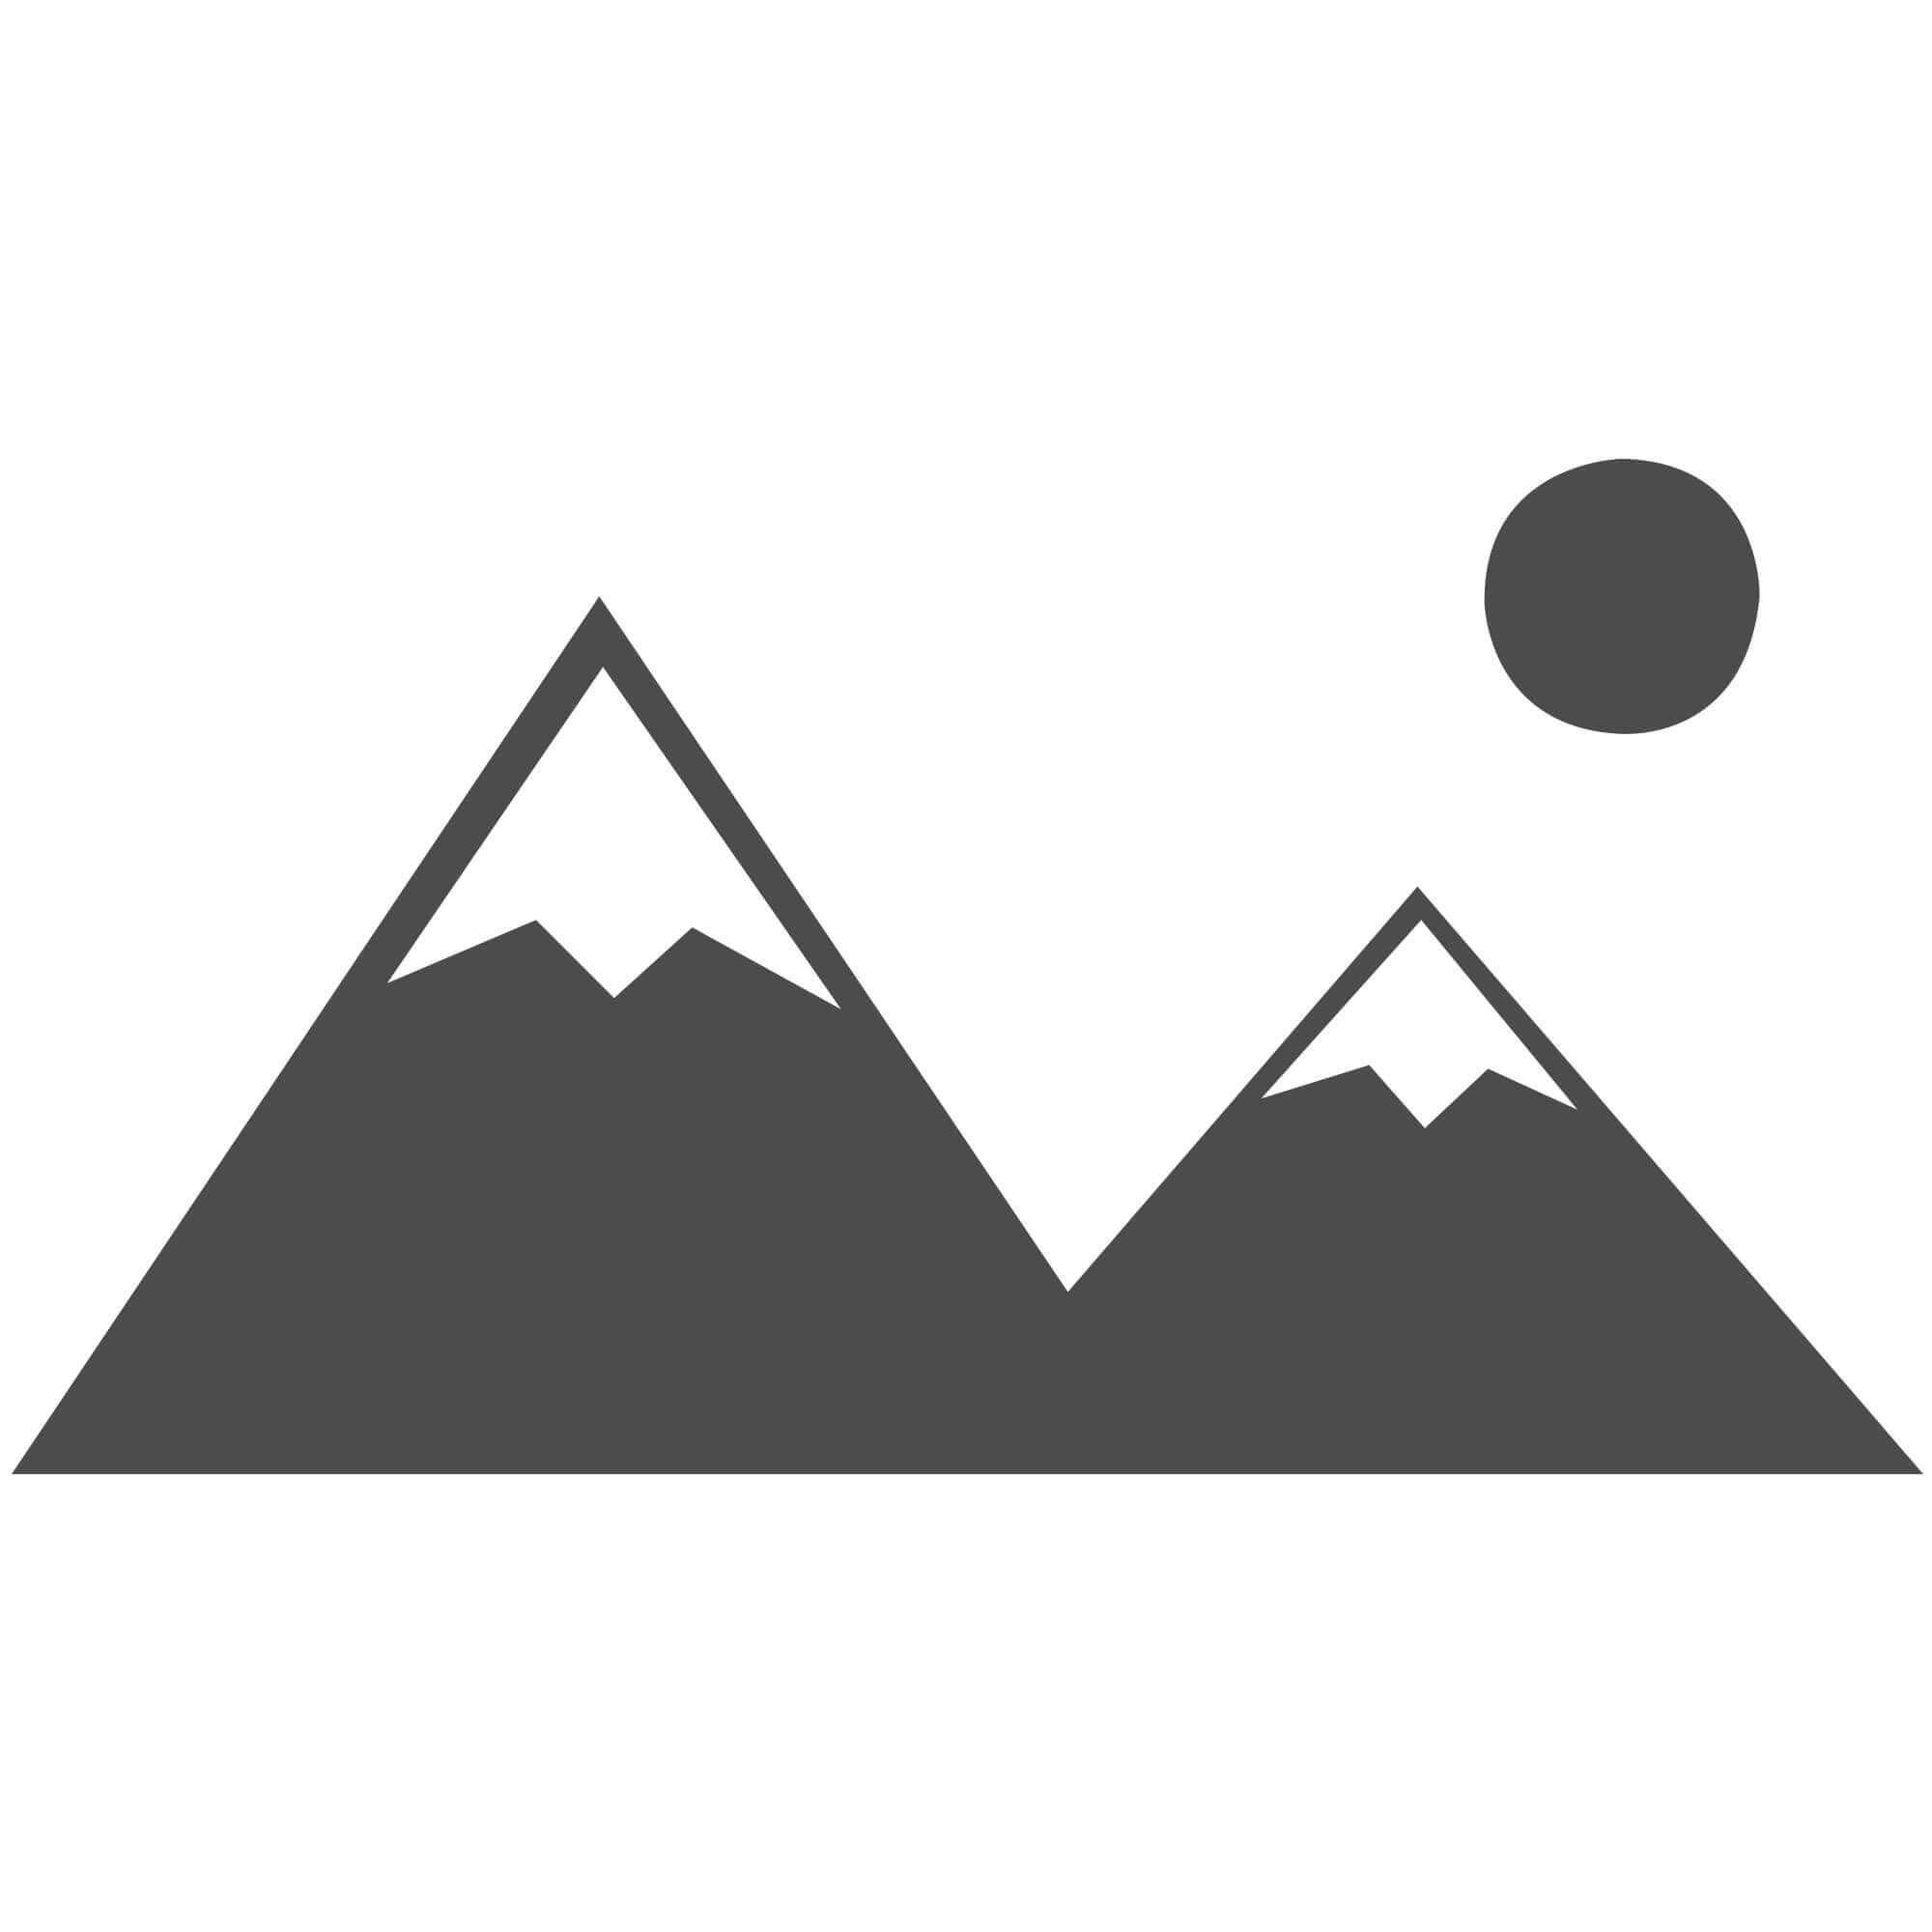 """Kashqai Afghan Turkmen Design Rug - 4346/300 - Size 240 x 340 cm (7'10"""" x 11'2"""")"""